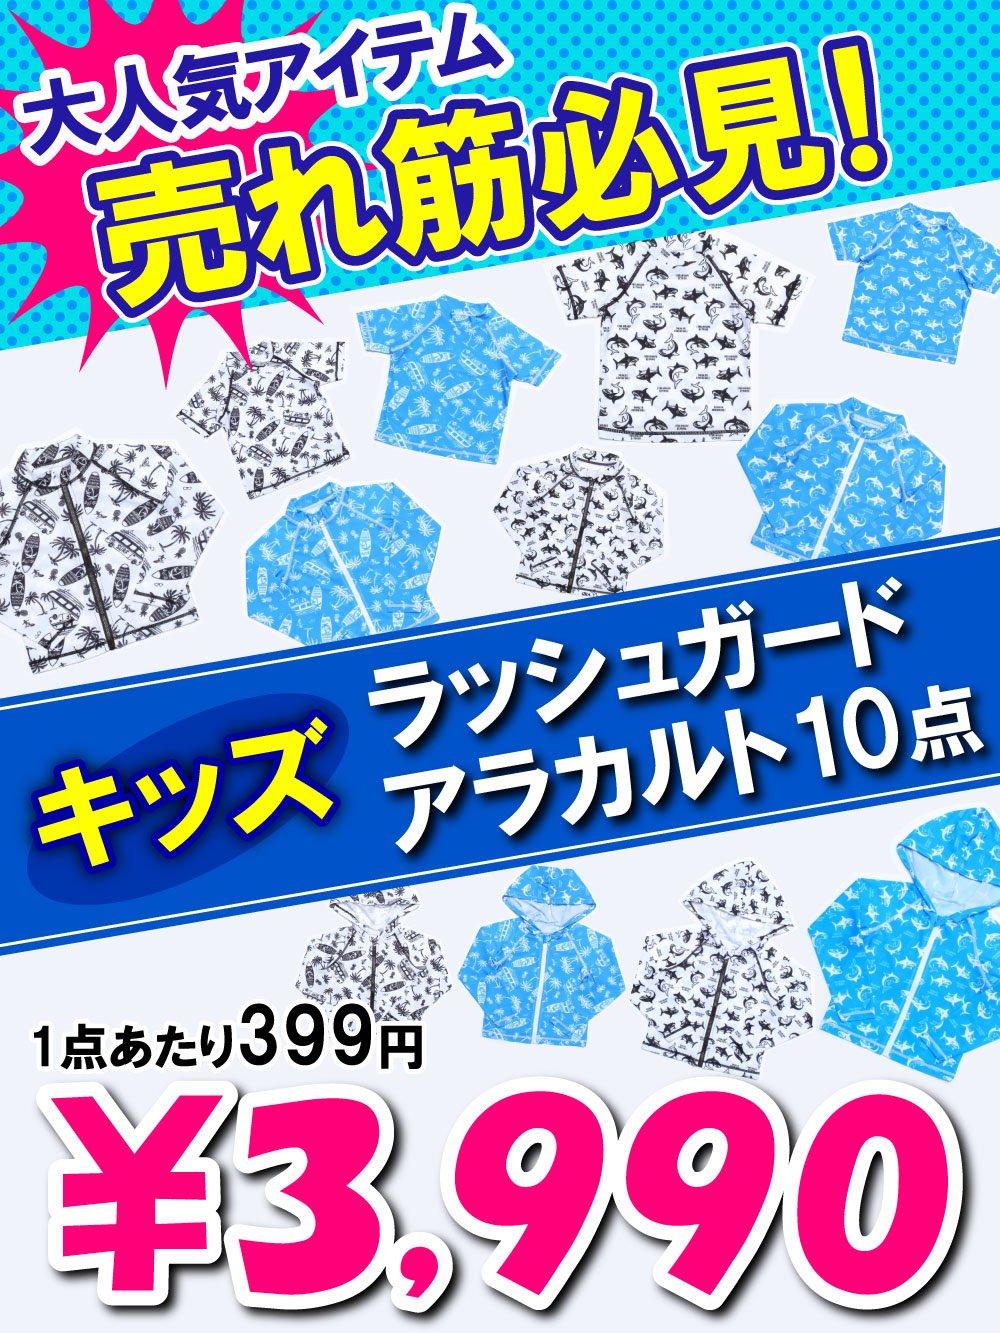 【売れ筋必見!】大人気アイテムのキッズよりラッシュガードアラカルト!【10点】@399